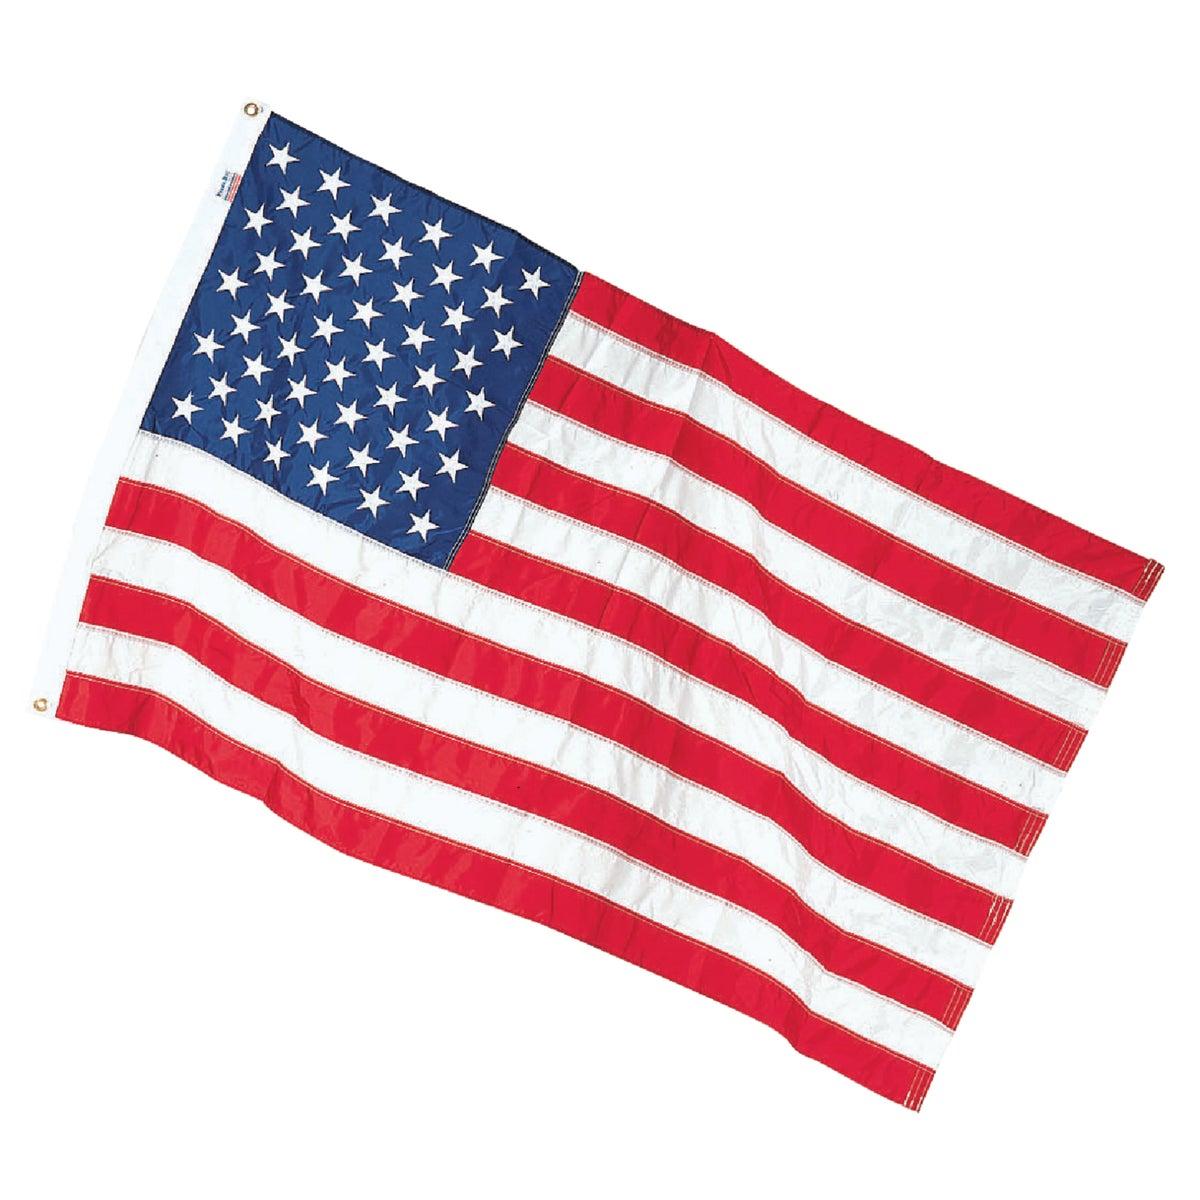 5X8 NYLON FLAG